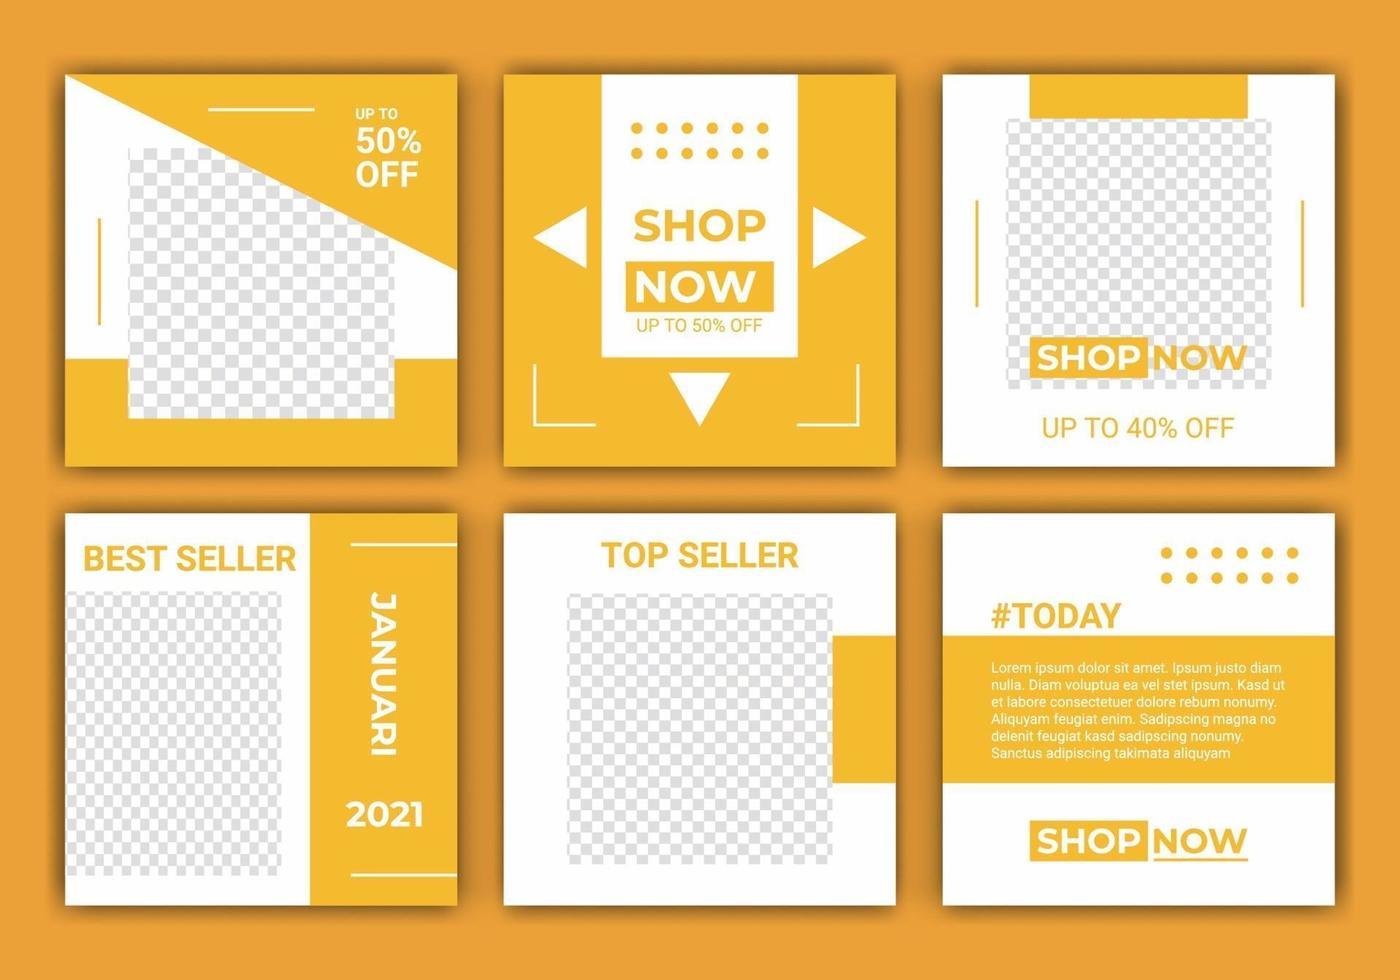 uppsättning redigerbar minimal fyrkantig bannermatningsmall. gul och vit bakgrundsfärgformvektor. lämplig för inlägg på sociala medier, webbinternetannonser och rabatterade annonser för modeförsäljning vektor